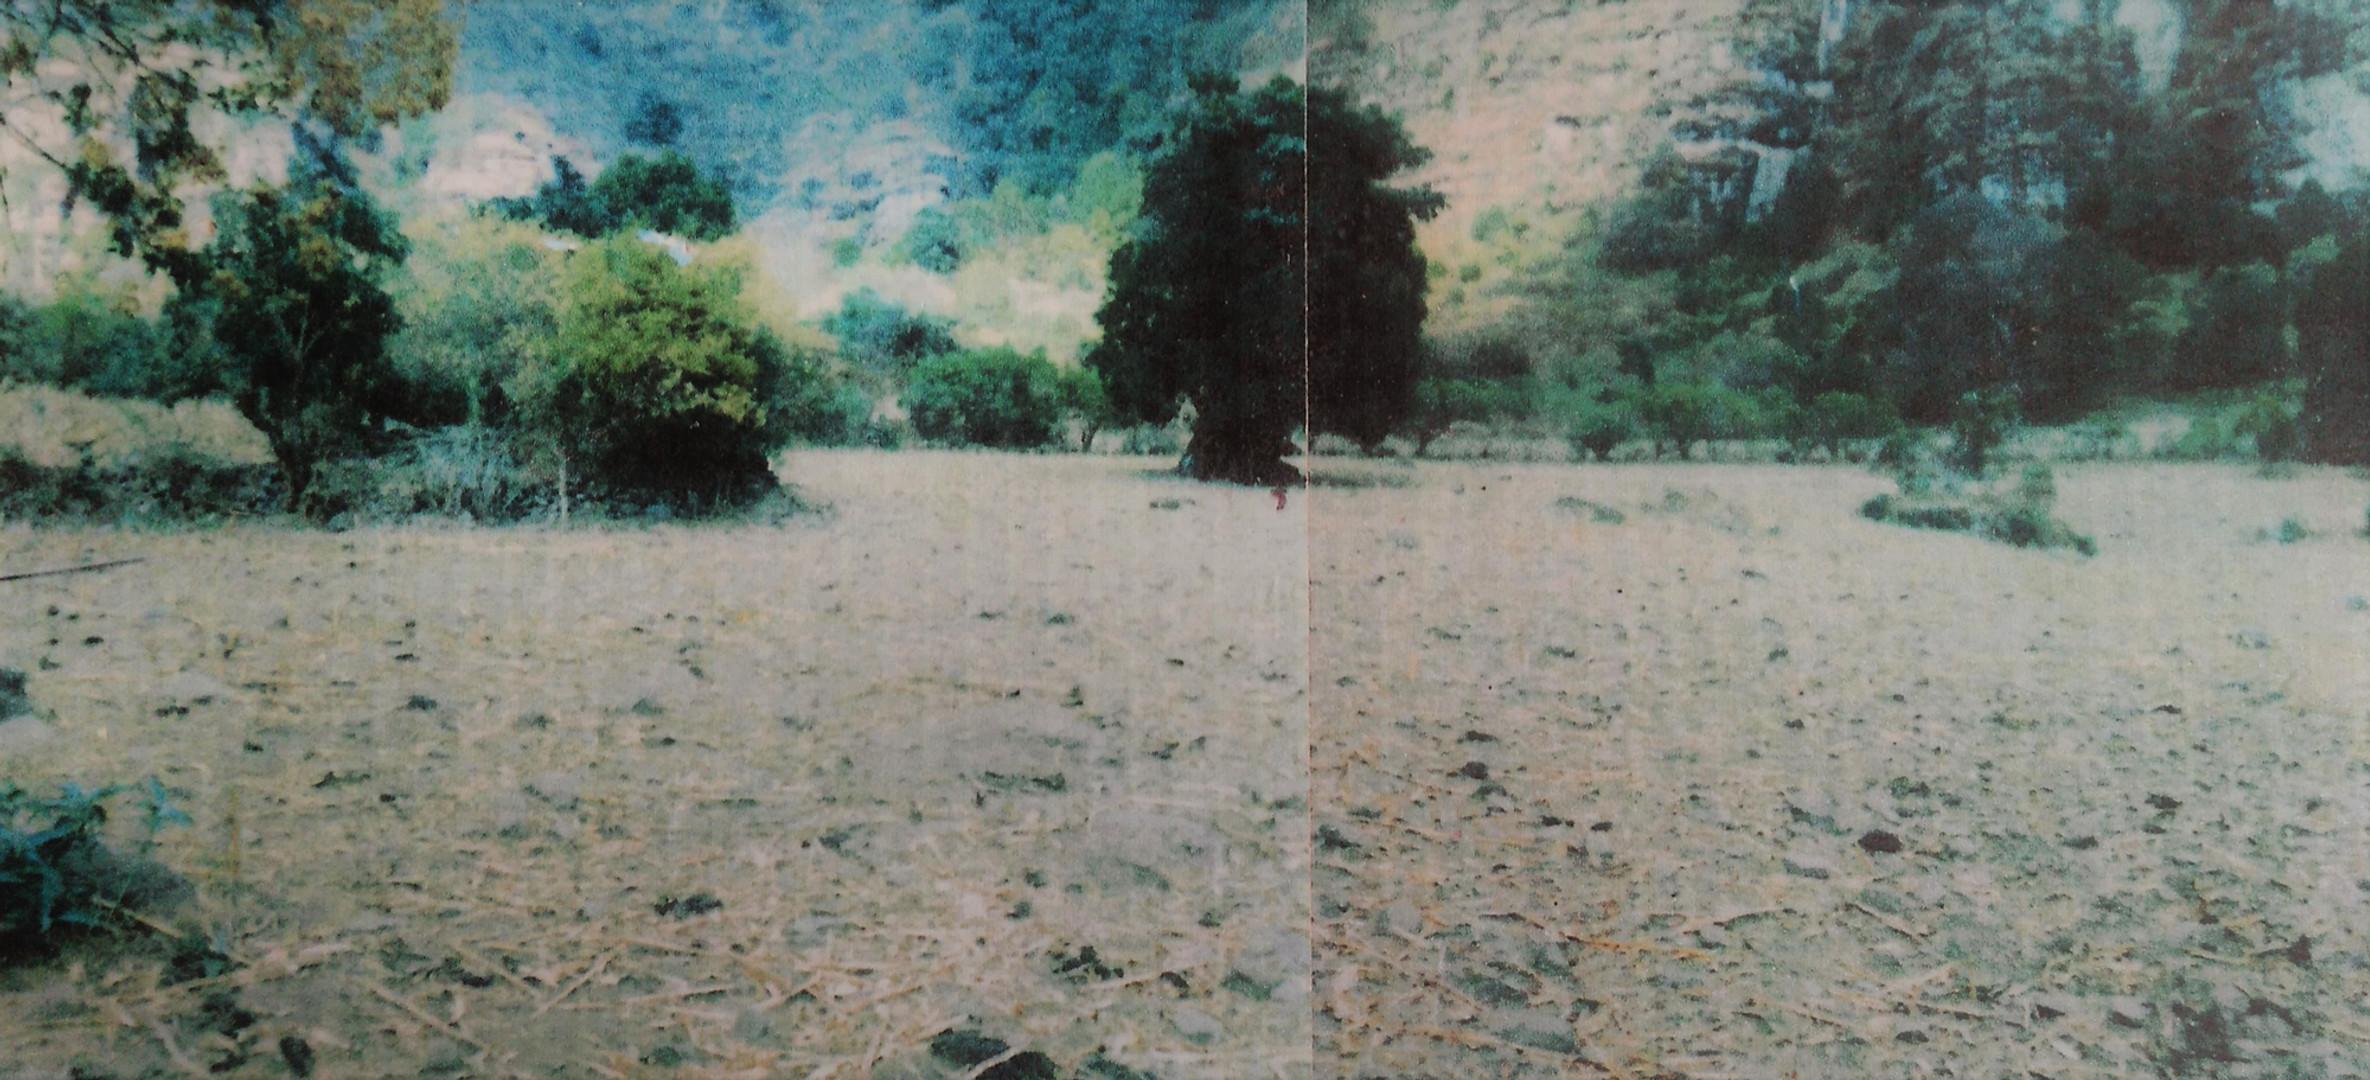 Rinconada del amate 1989